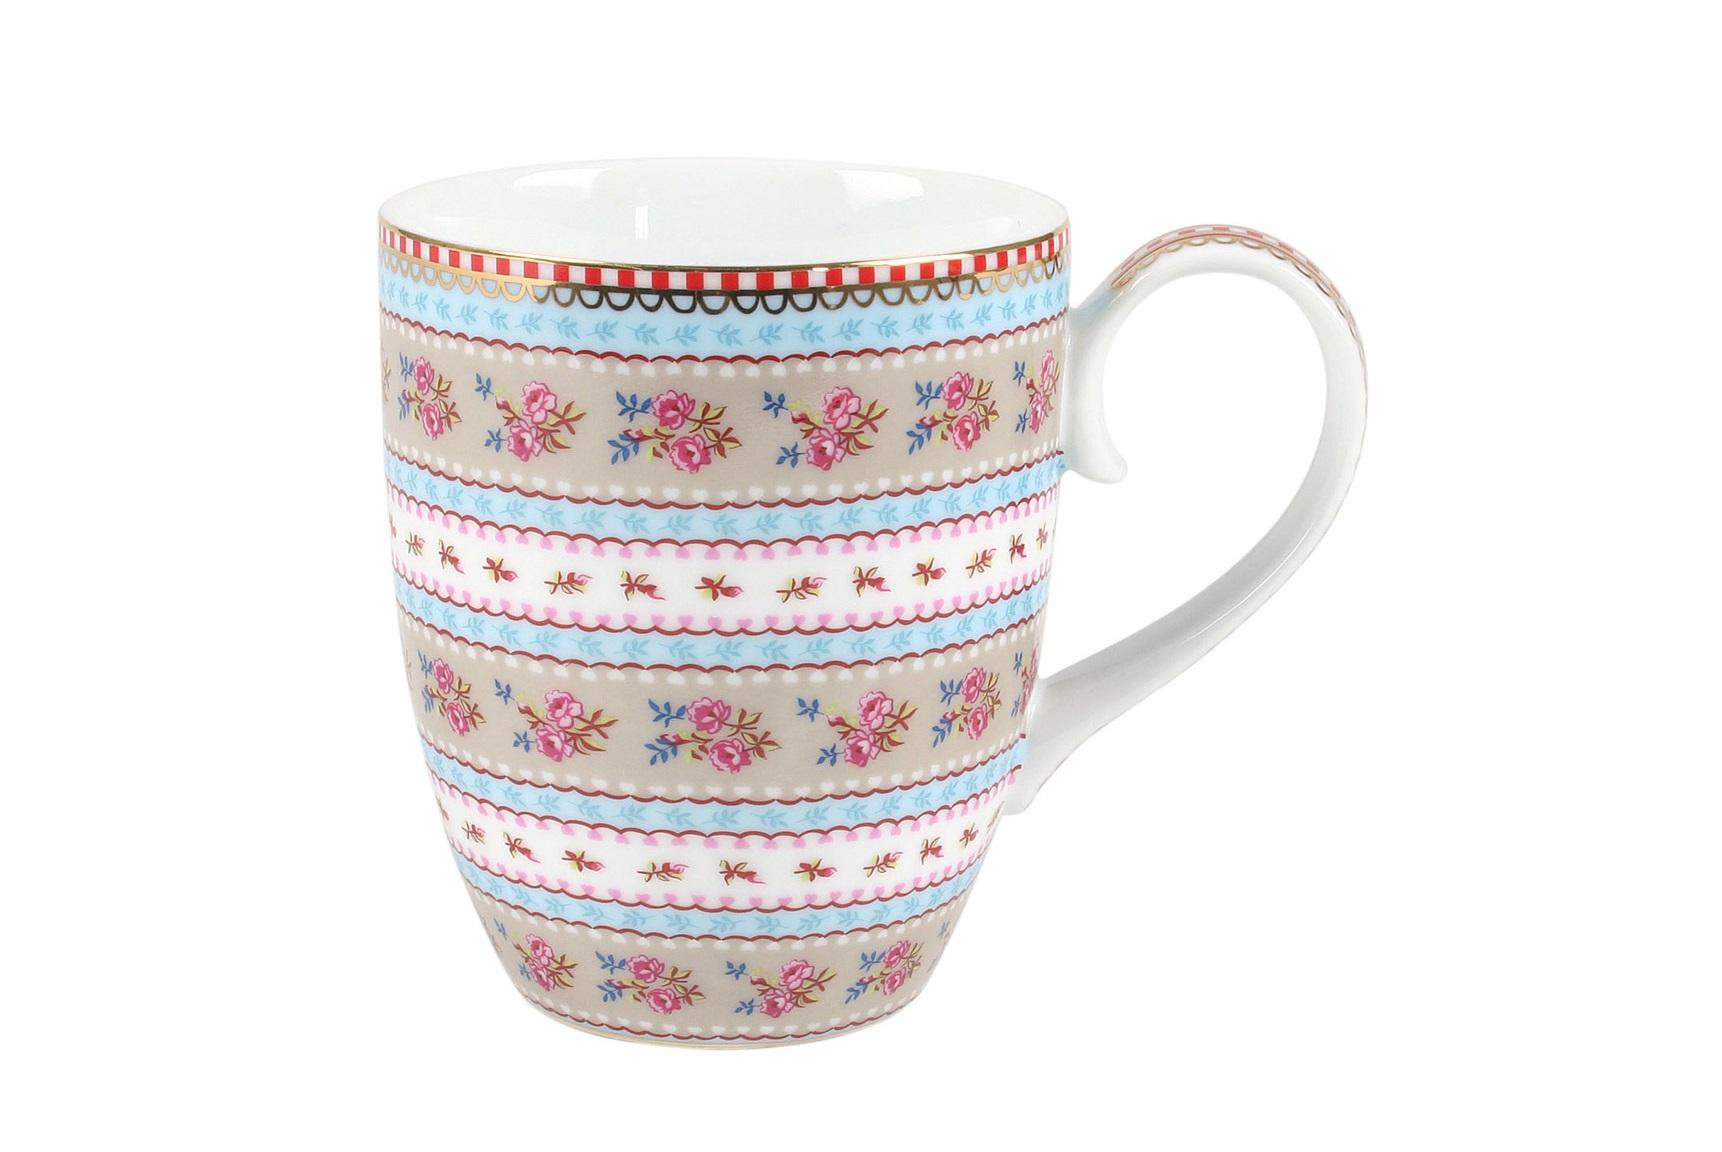 Набор больших кружек Floral Ribbon Rose (2шт)Чайные пары, чашки и кружки<br>Объём 350 мл. Не использовать в микроволновой печи. Не рекомендуется мыть в посудомоечной машине.<br><br>Material: Фарфор<br>Width см: None<br>Depth см: None<br>Height см: 10.5<br>Diameter см: 8,5